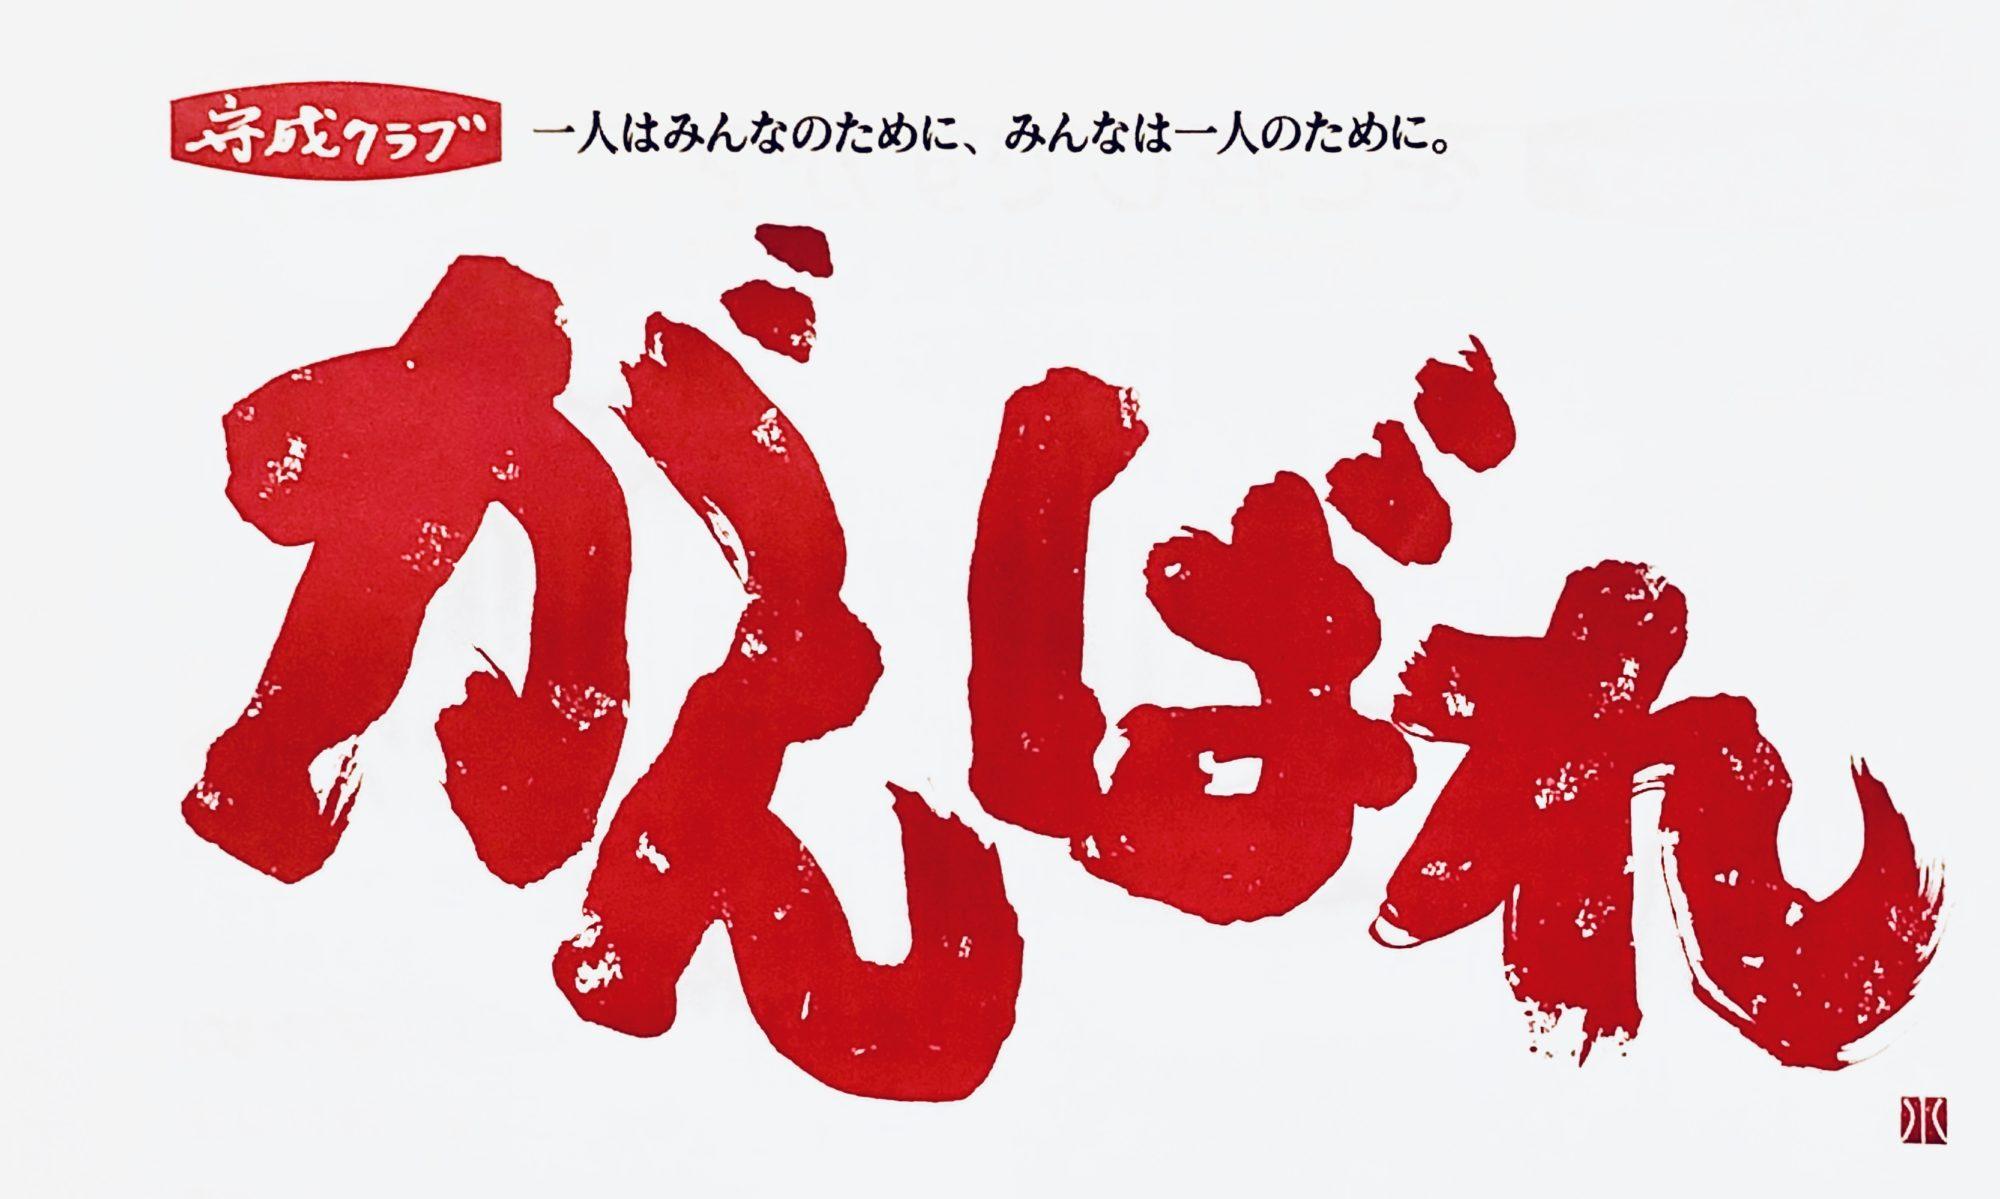 守成クラブ 埼玉北